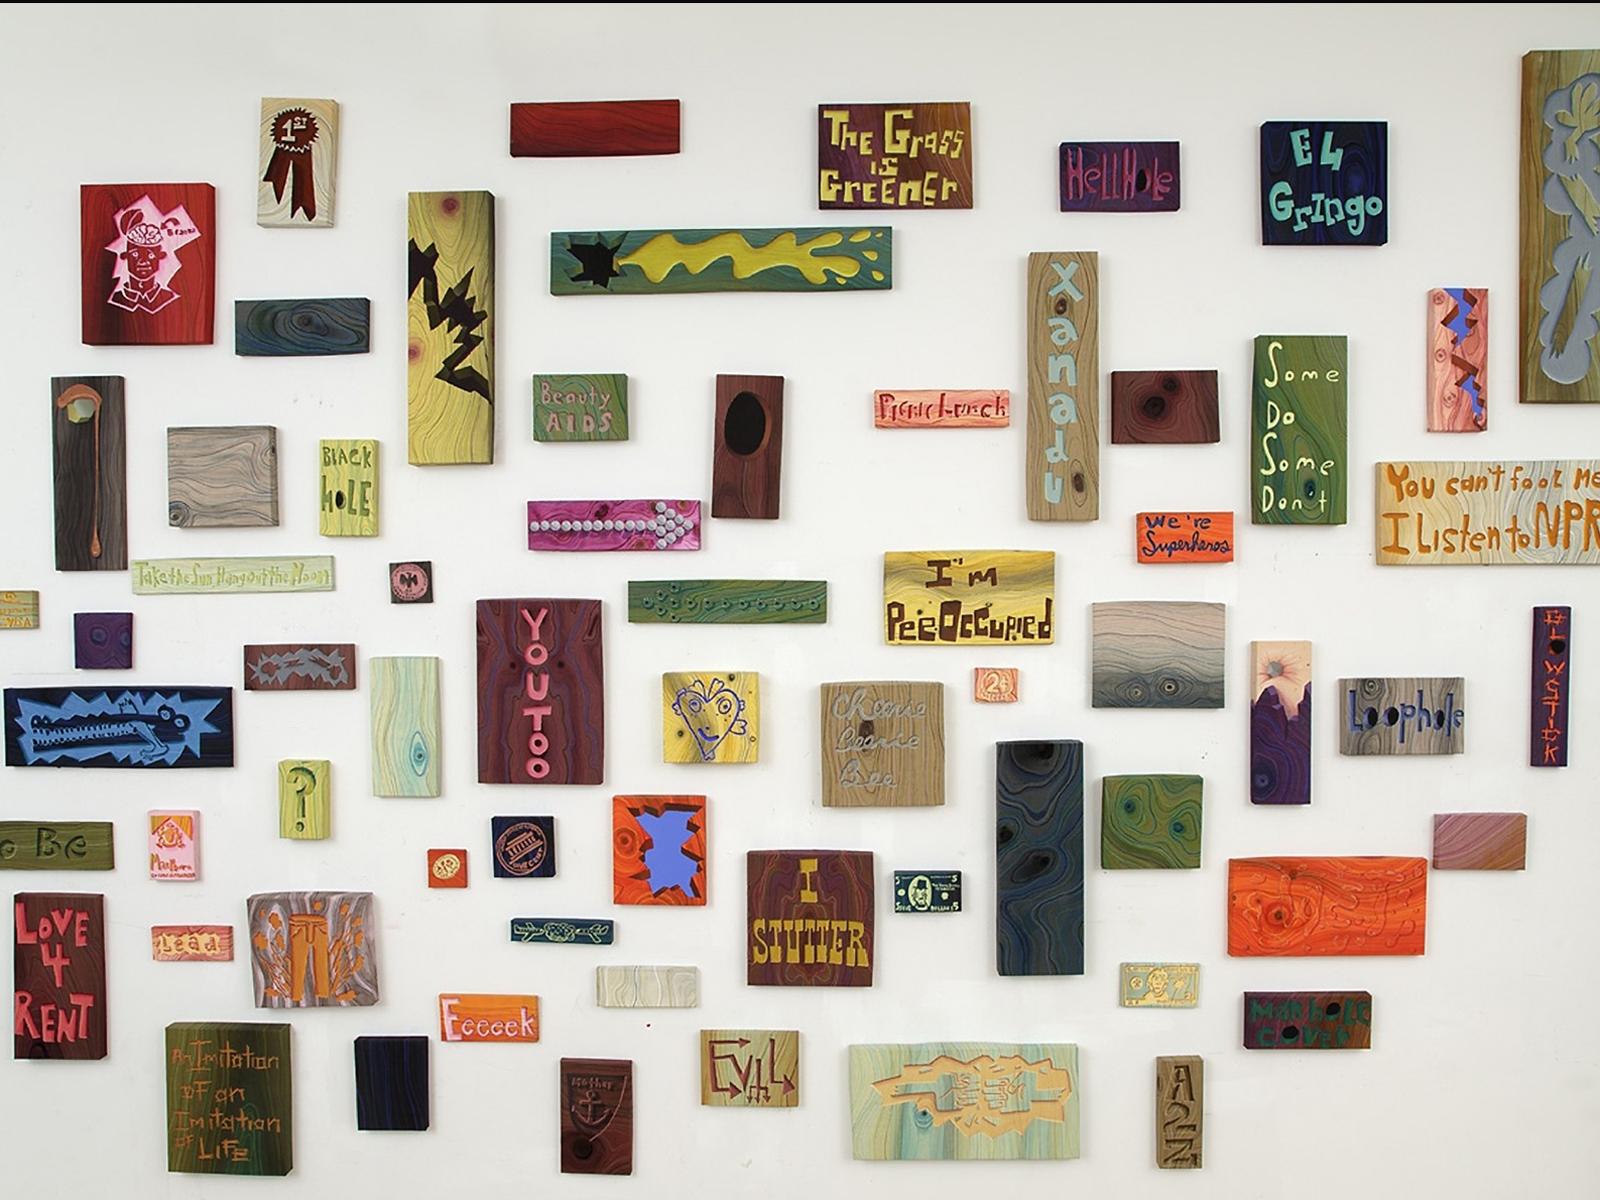 Steve DeFrank, wall installation, 2013 Recipient